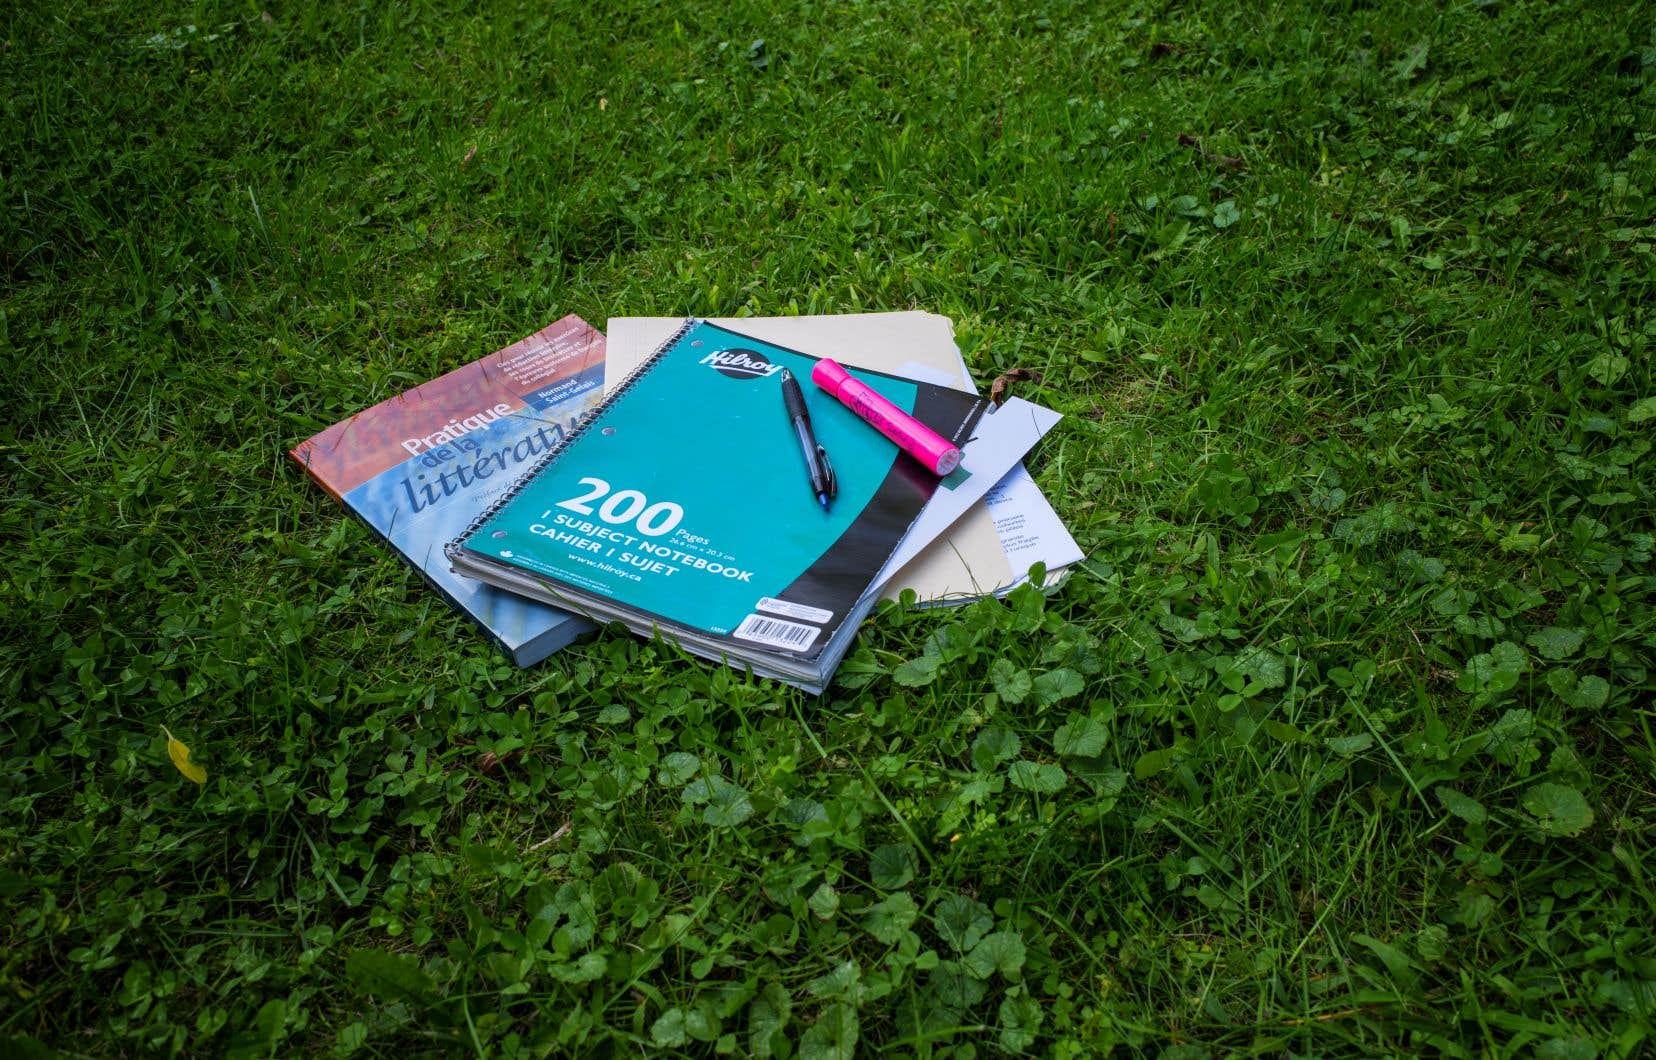 COVID-19 ou pas, l'apprentissage dans la nature a des effets positifs sur les élèves, selon la Dre Marie-Ève Langelier, professeure à l'unité d'enseignement en intervention plein air de l'Université du Québec à Chicoutimi.